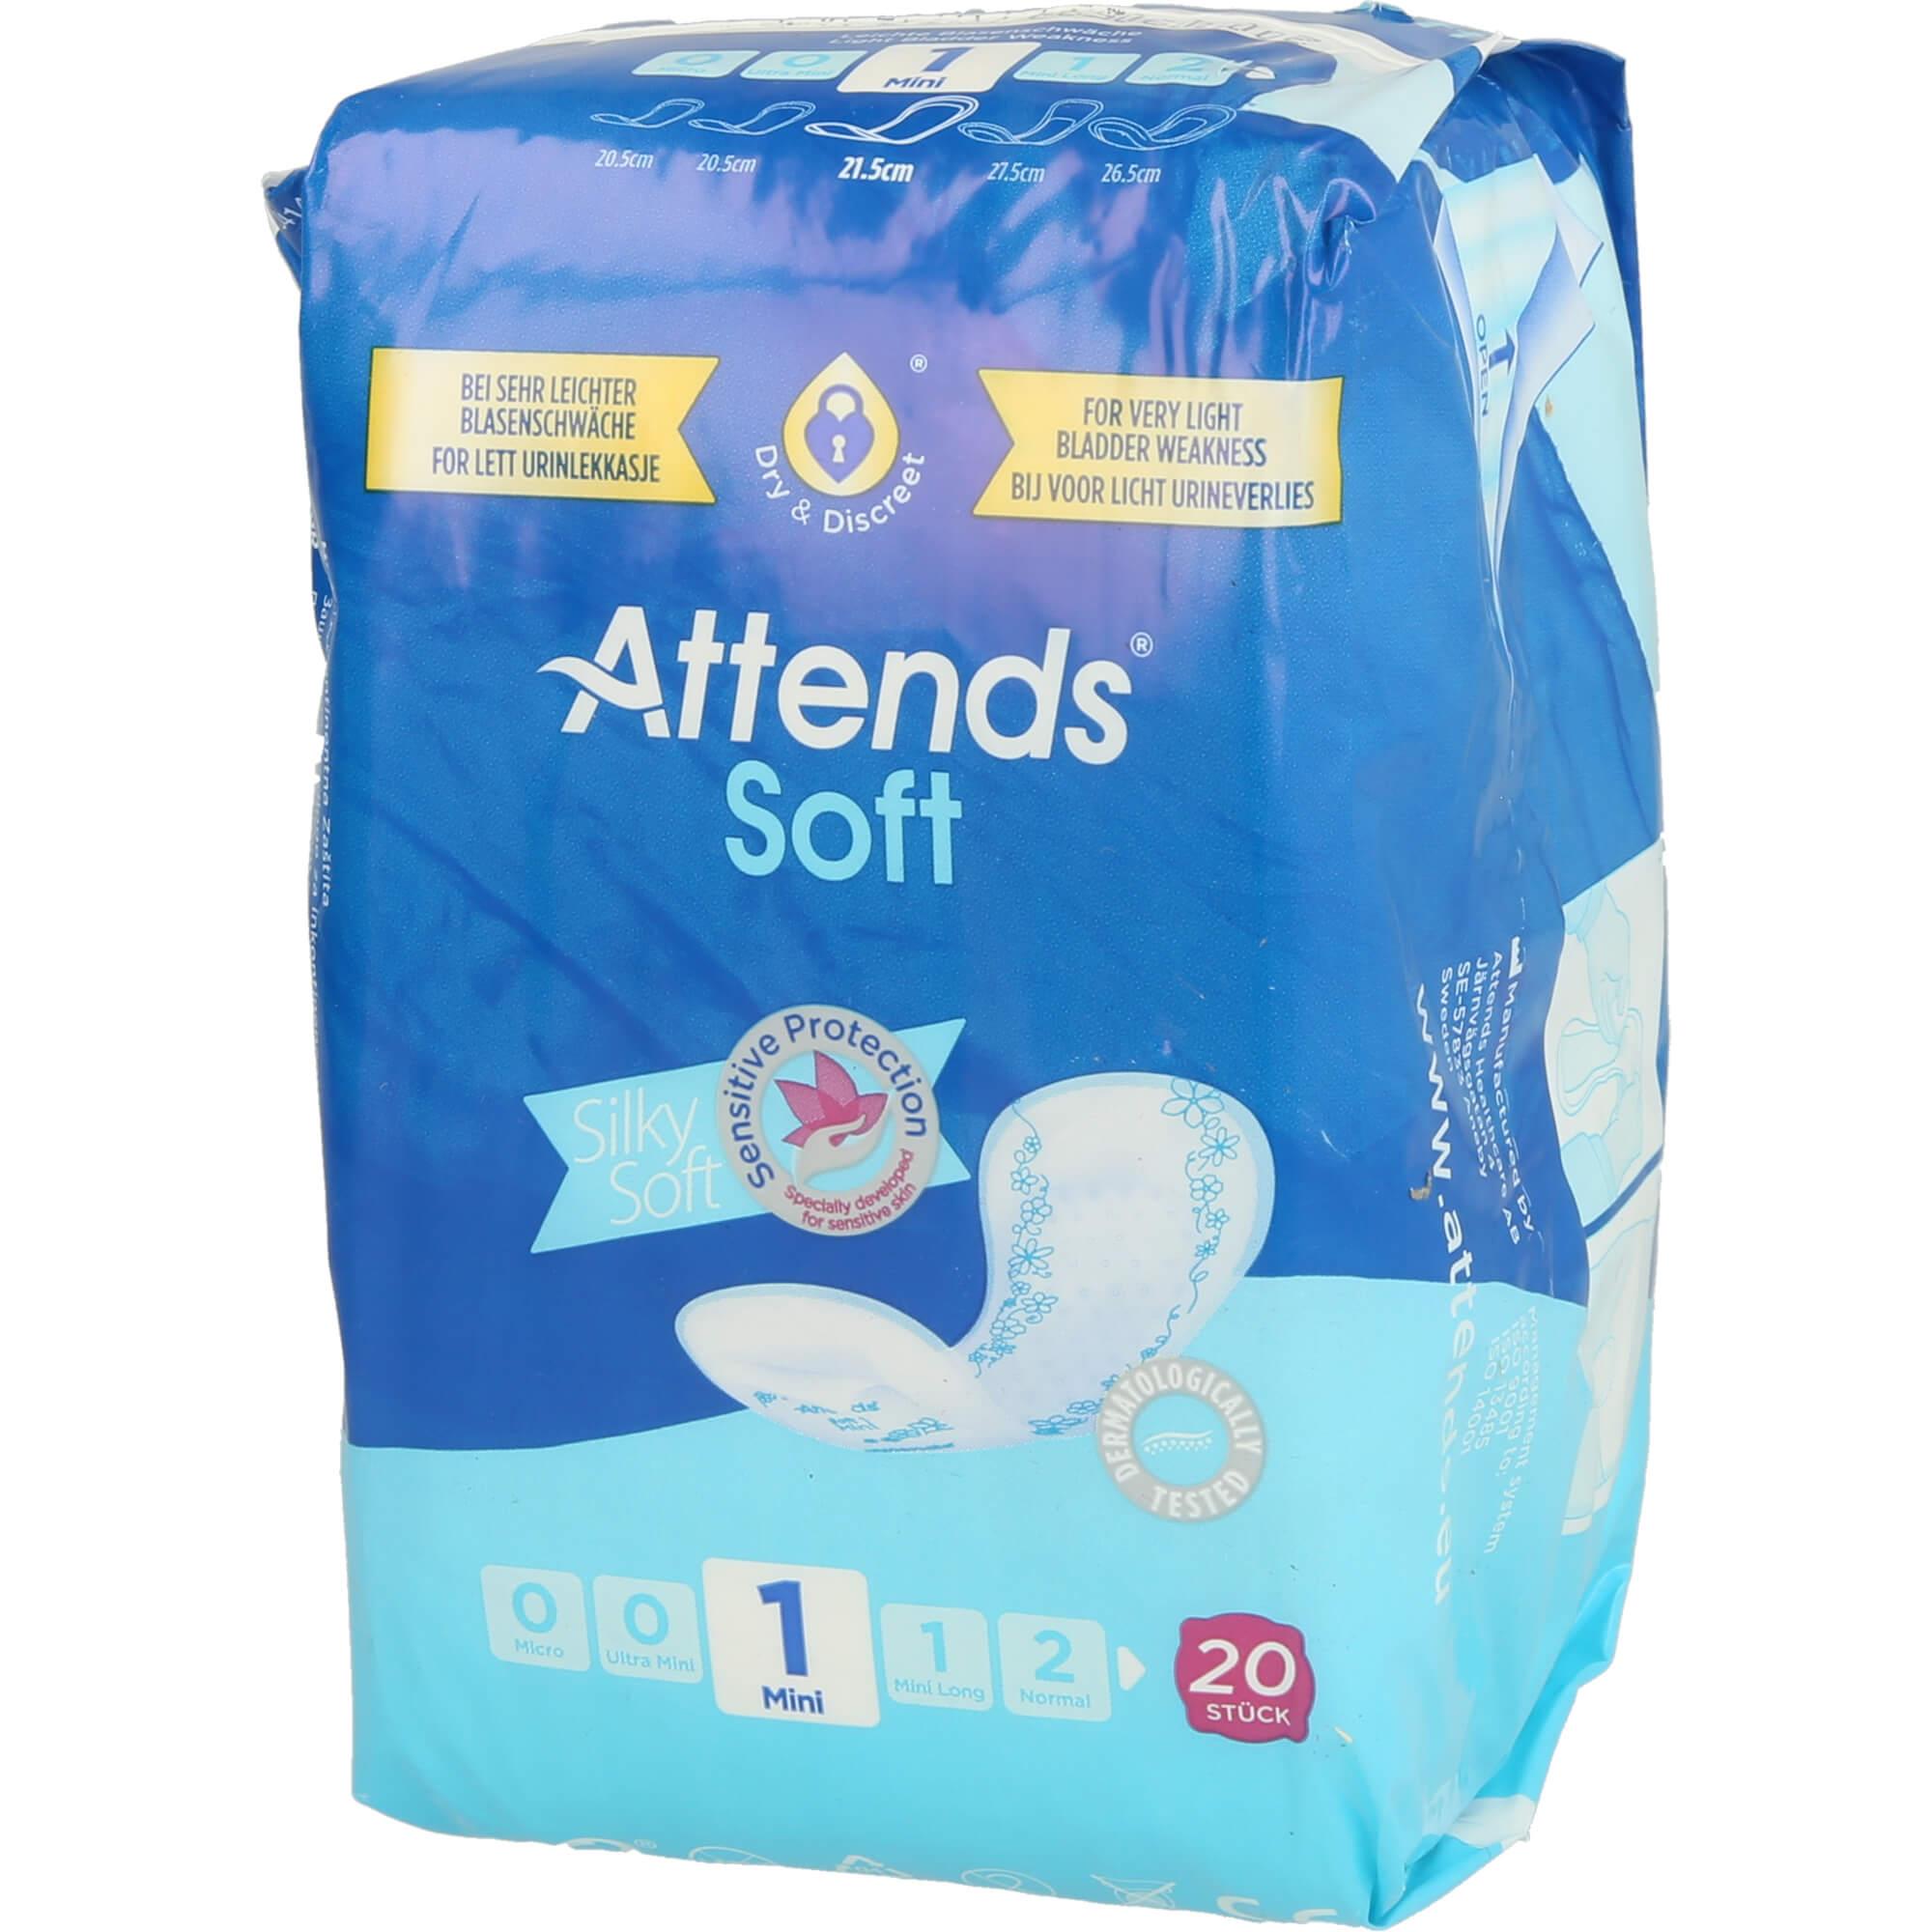 ATTENDS Soft 1 mini